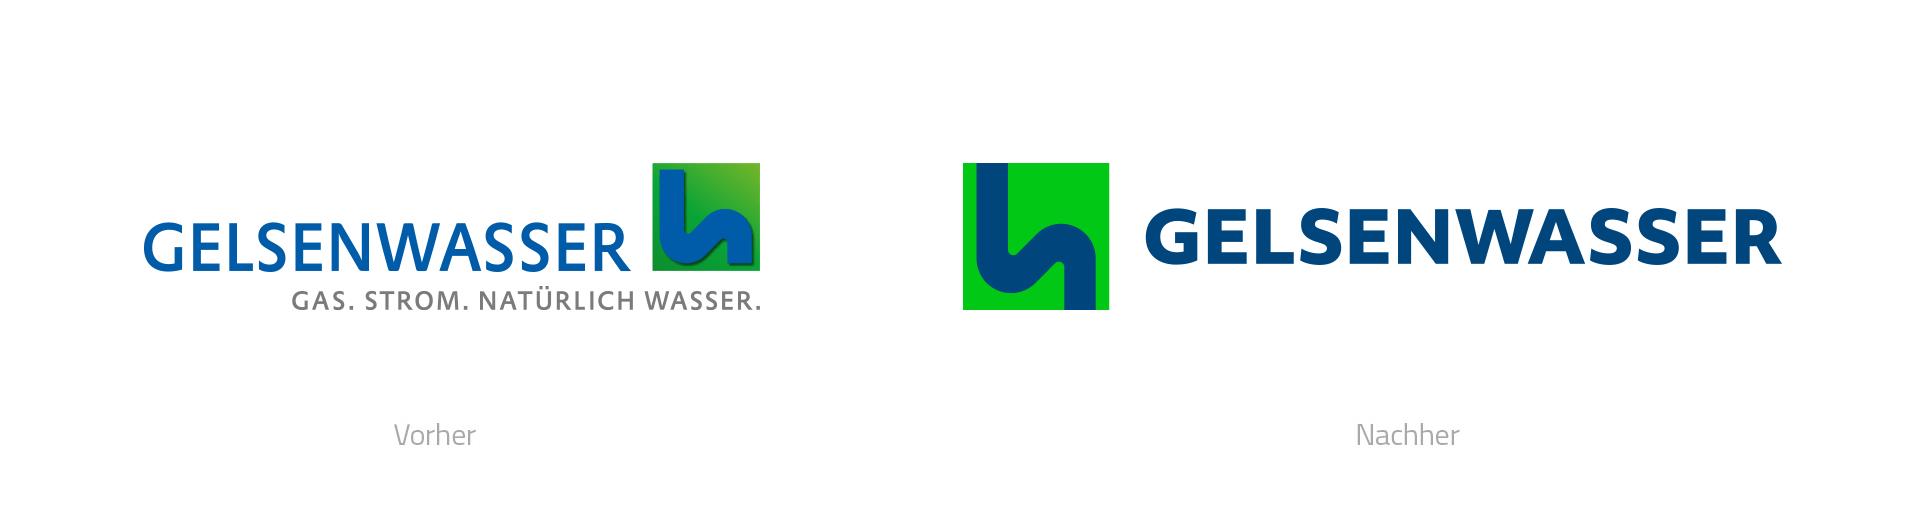 Logoüberarbeitung für die GELSENWASSER AG in Gelsenkirchen, Vergleich